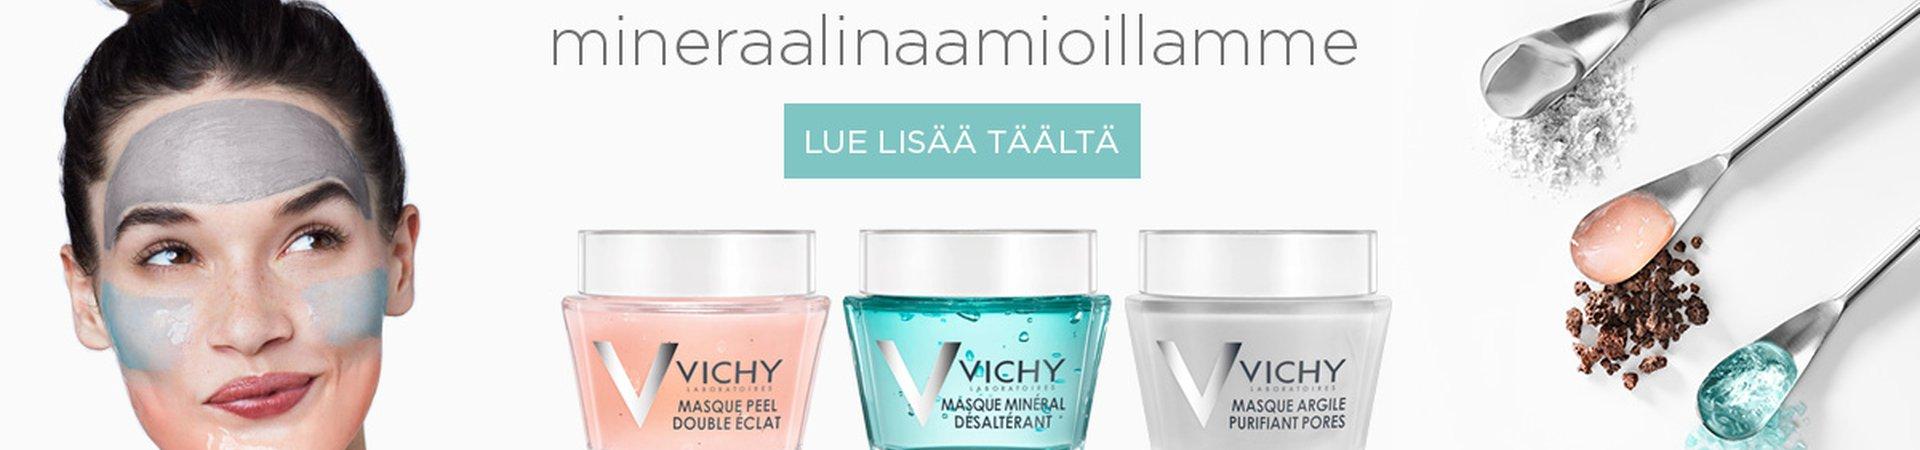 mineraalinaamio Vichy